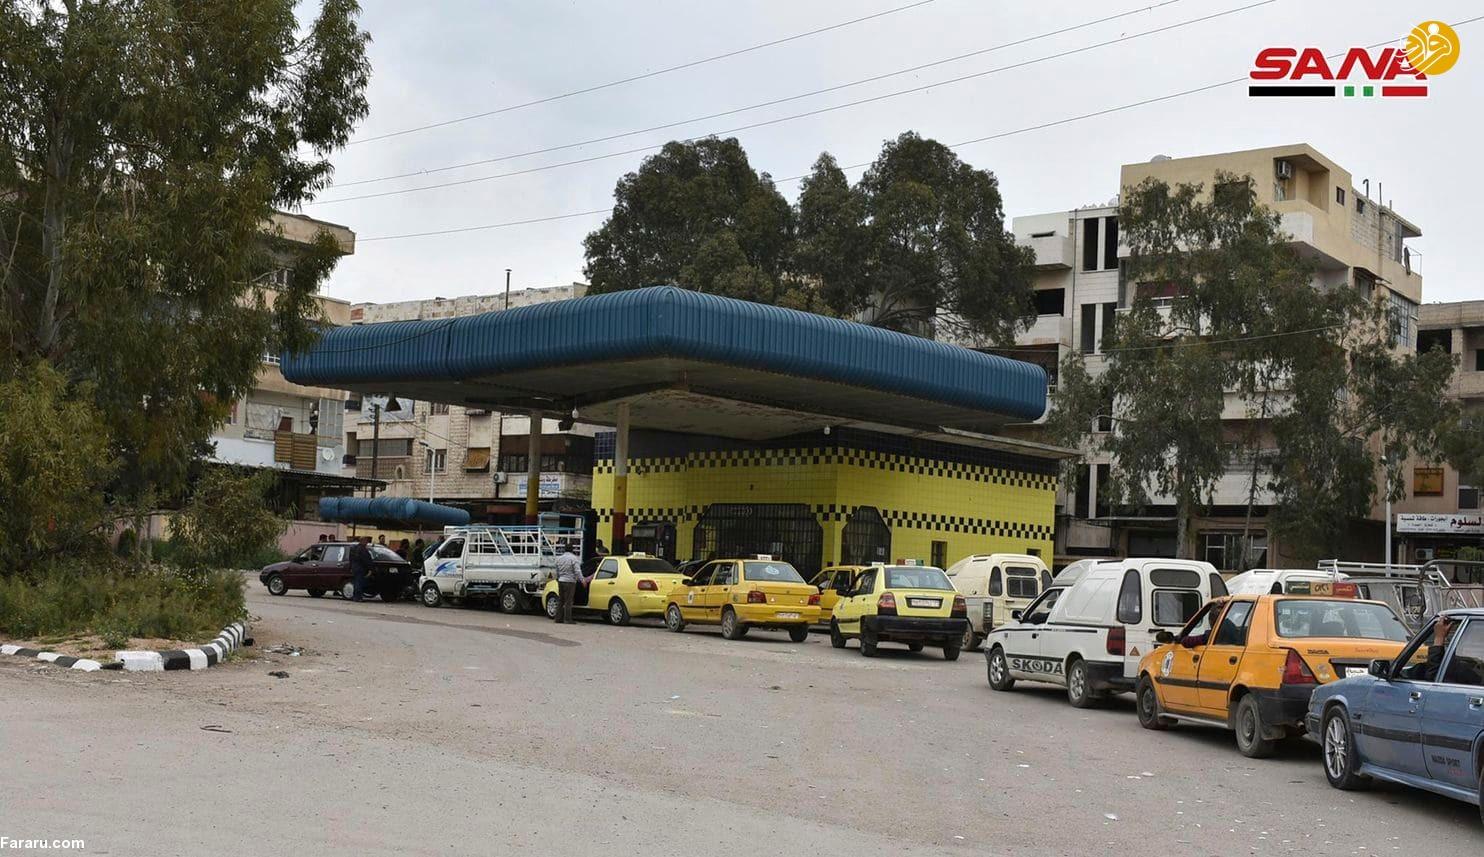 بحران نفت در سوریه؛ اسد باید بین روسیه و ایران یکی را انتخاب کند!